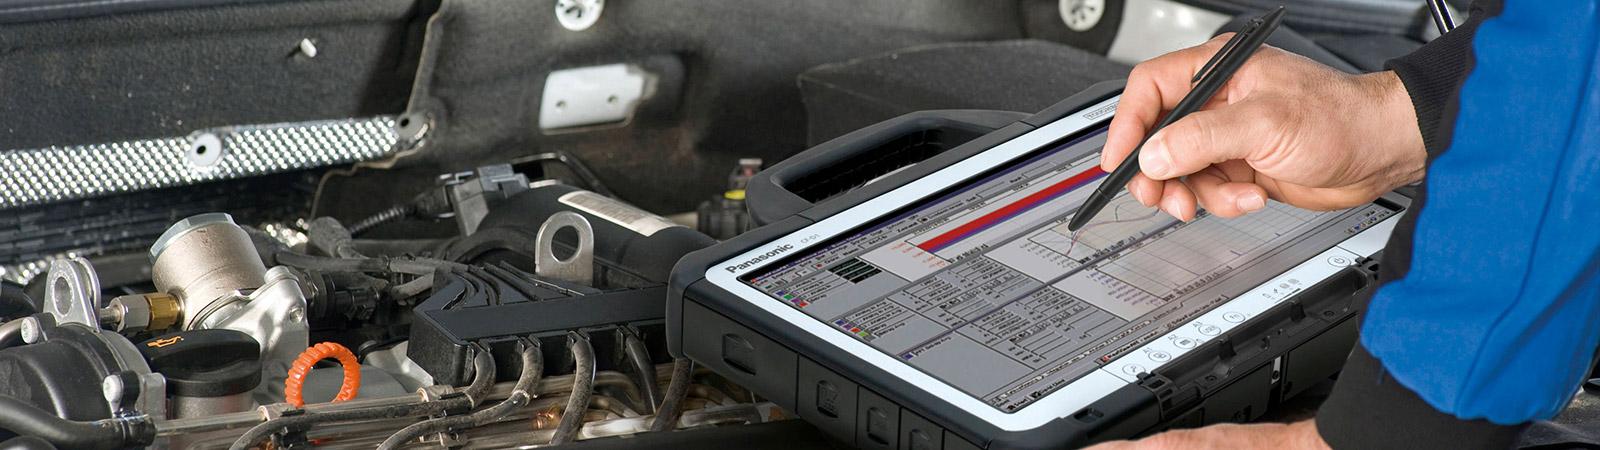 Fahrzeugdiagnose #BMW #Mercedes #elektronik